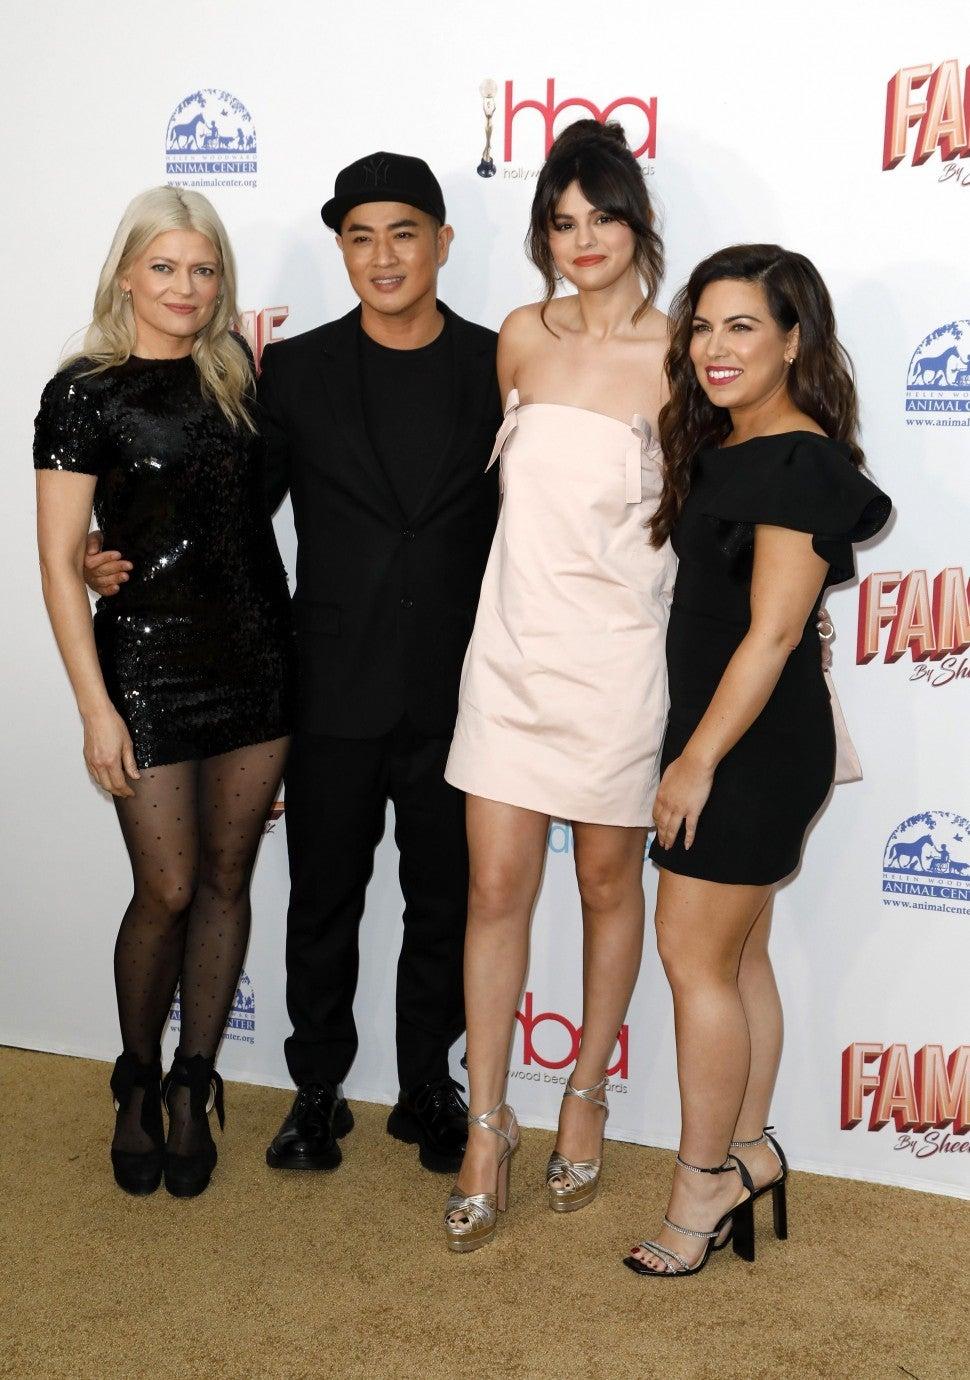 Kate Young, Hung Vanngo, Selena Gomez and Marissa Marino